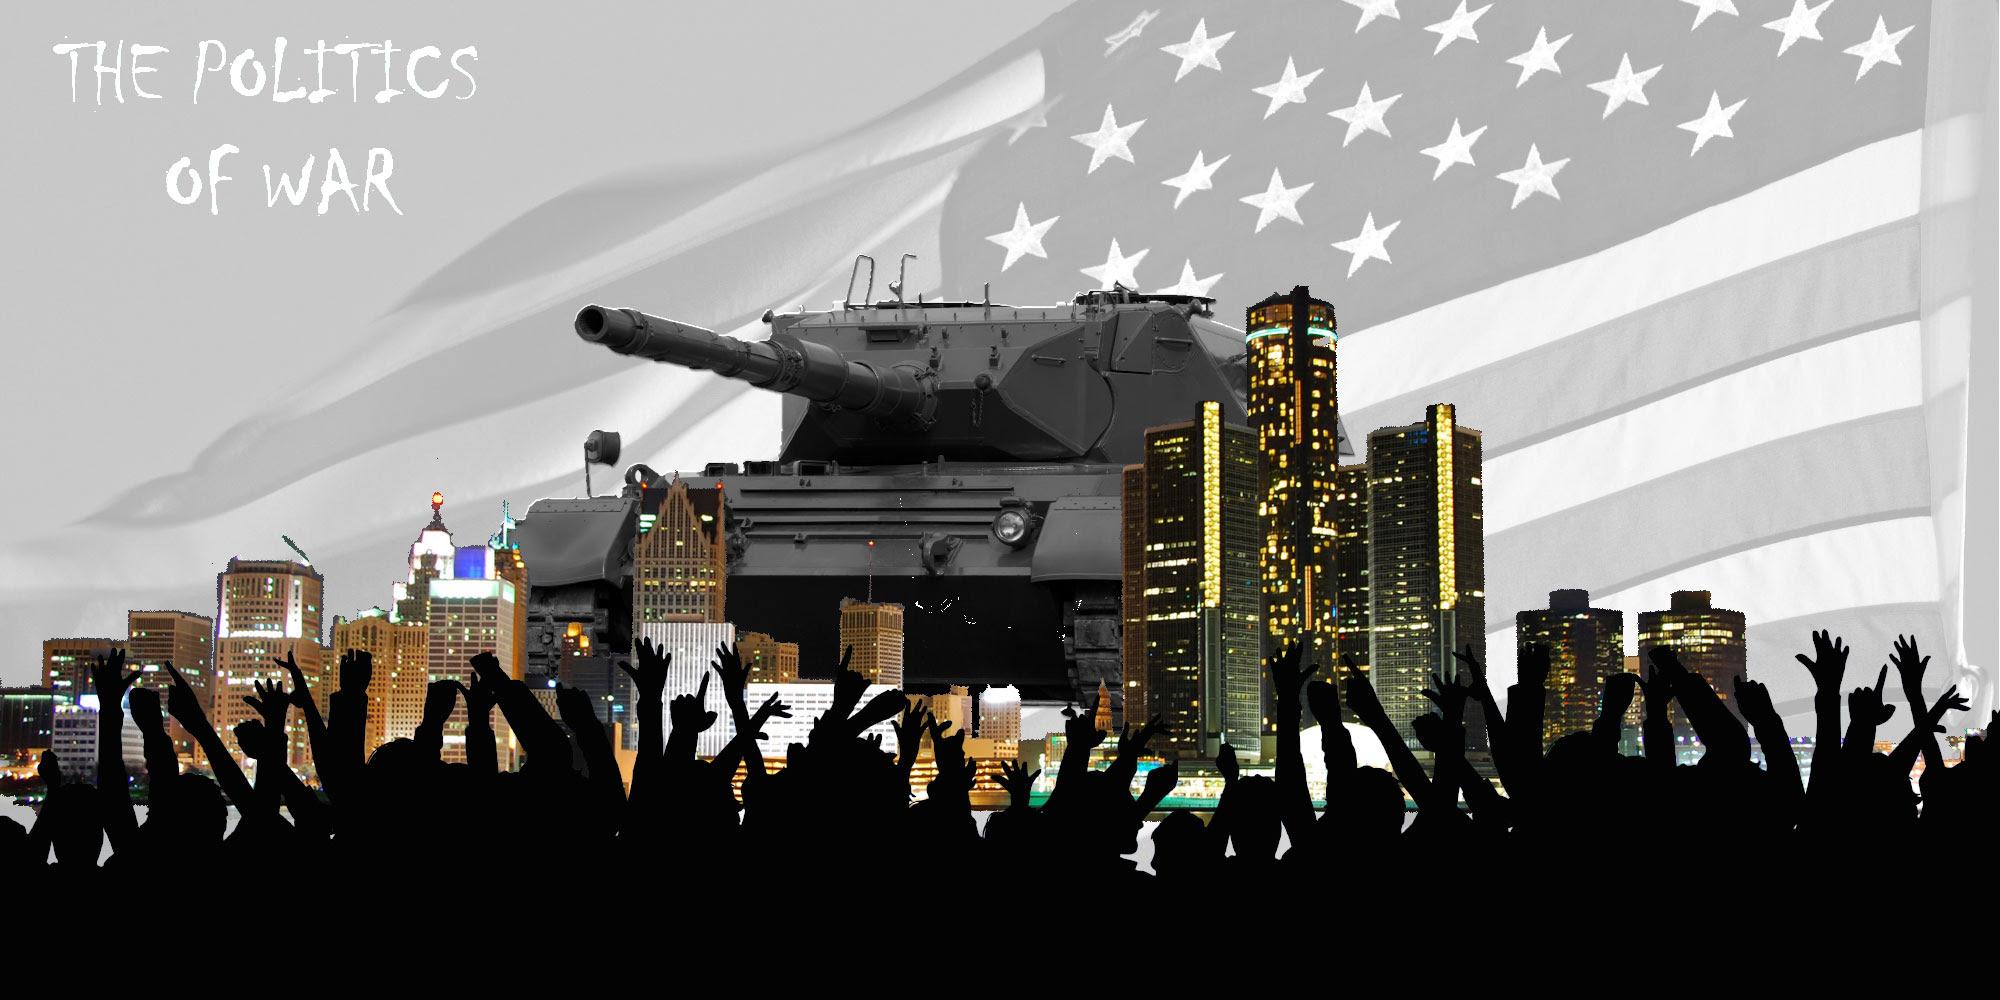 Ternyata Perang Lebih Mudah Daripada Politik